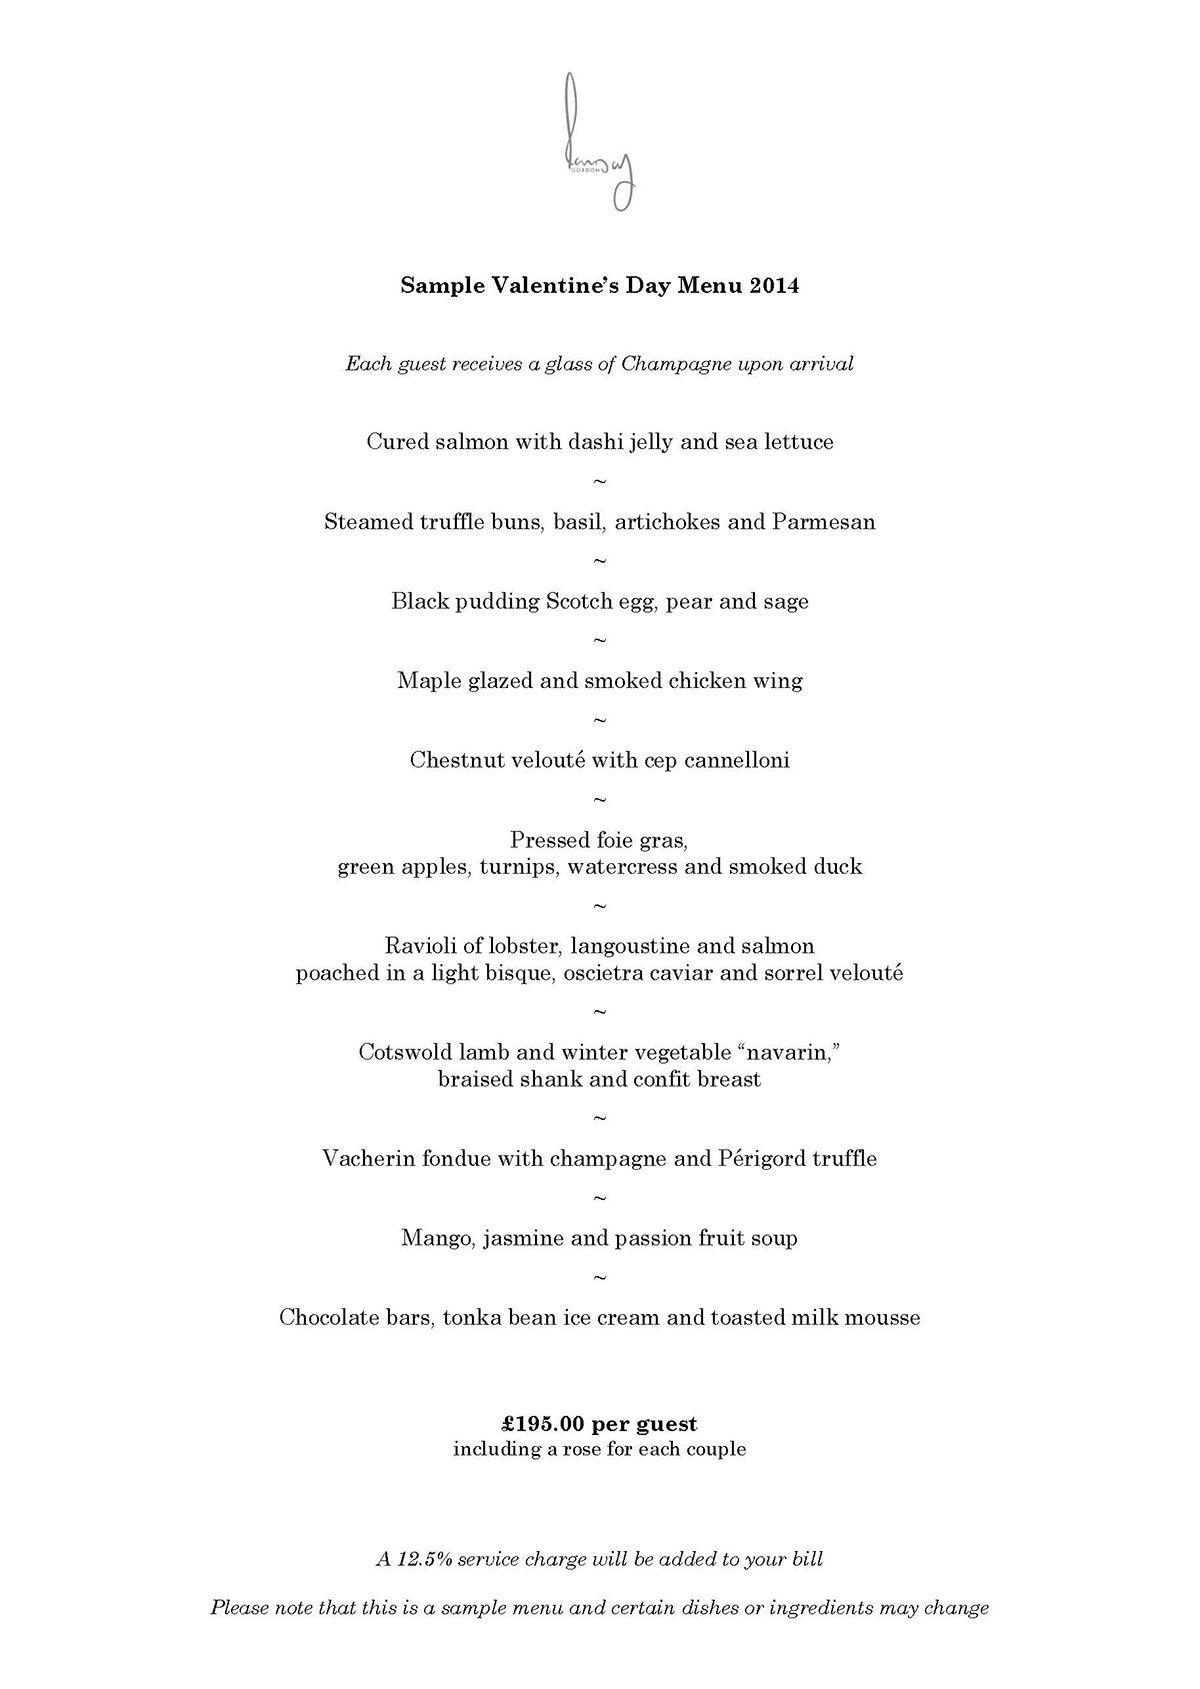 gordon mueller mueller ramsay valentine s day menu 2014 london